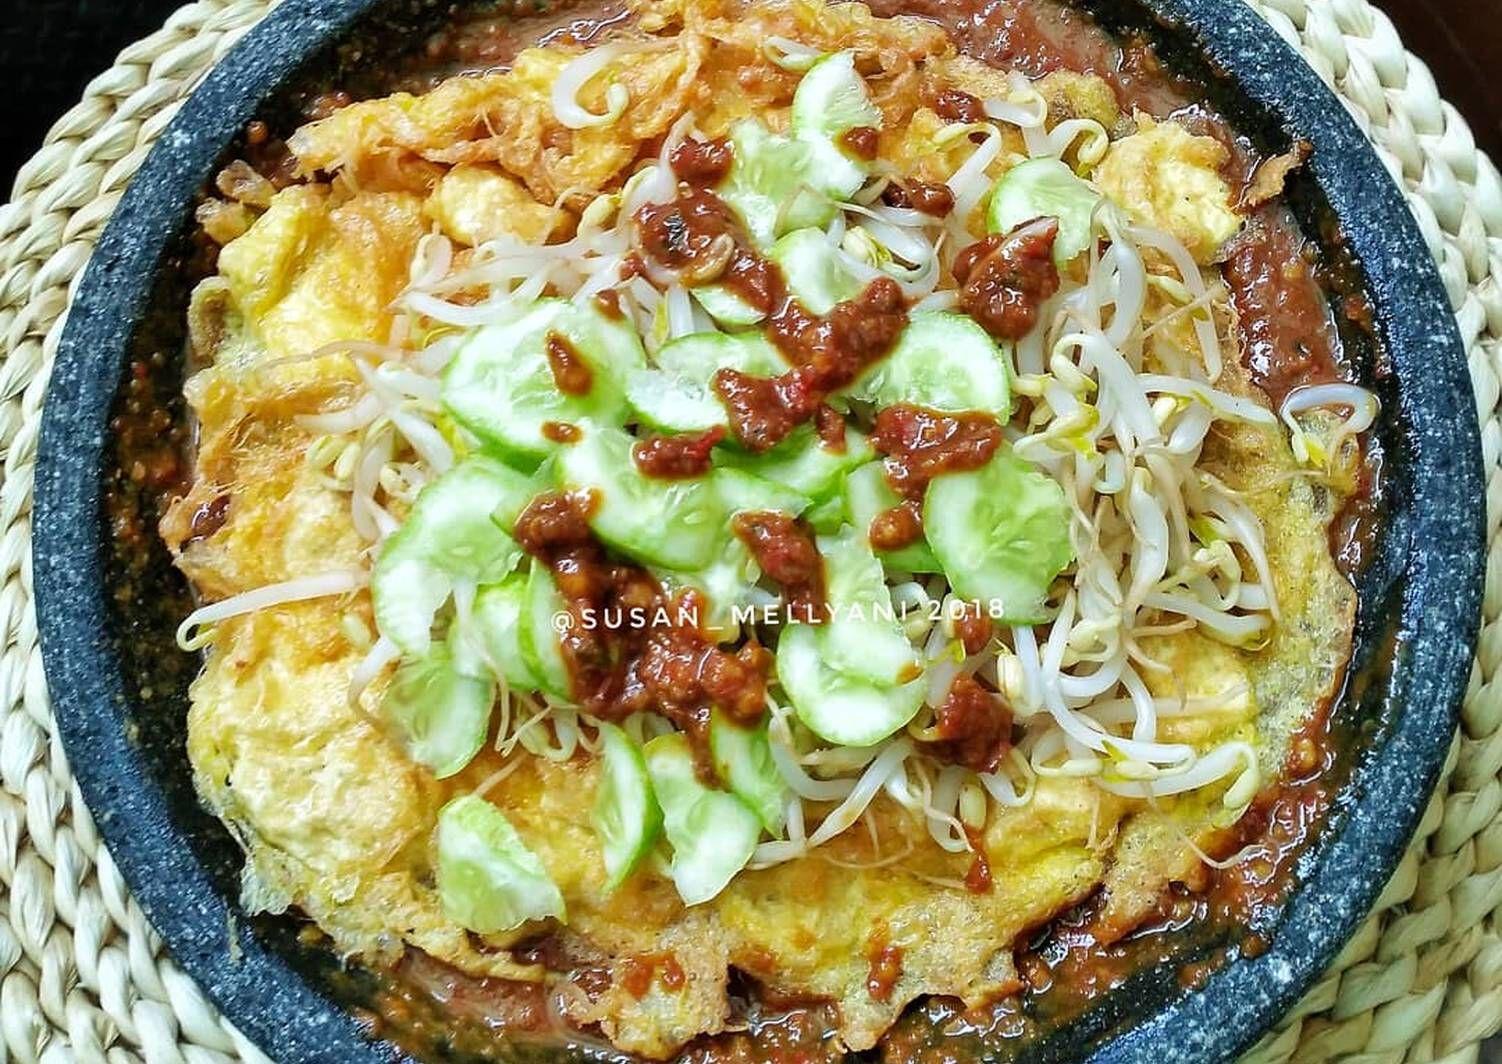 Resep Tahu Telur Oleh Susan Mellyani Resep Resep Tahu Resep Makanan Dan Minuman